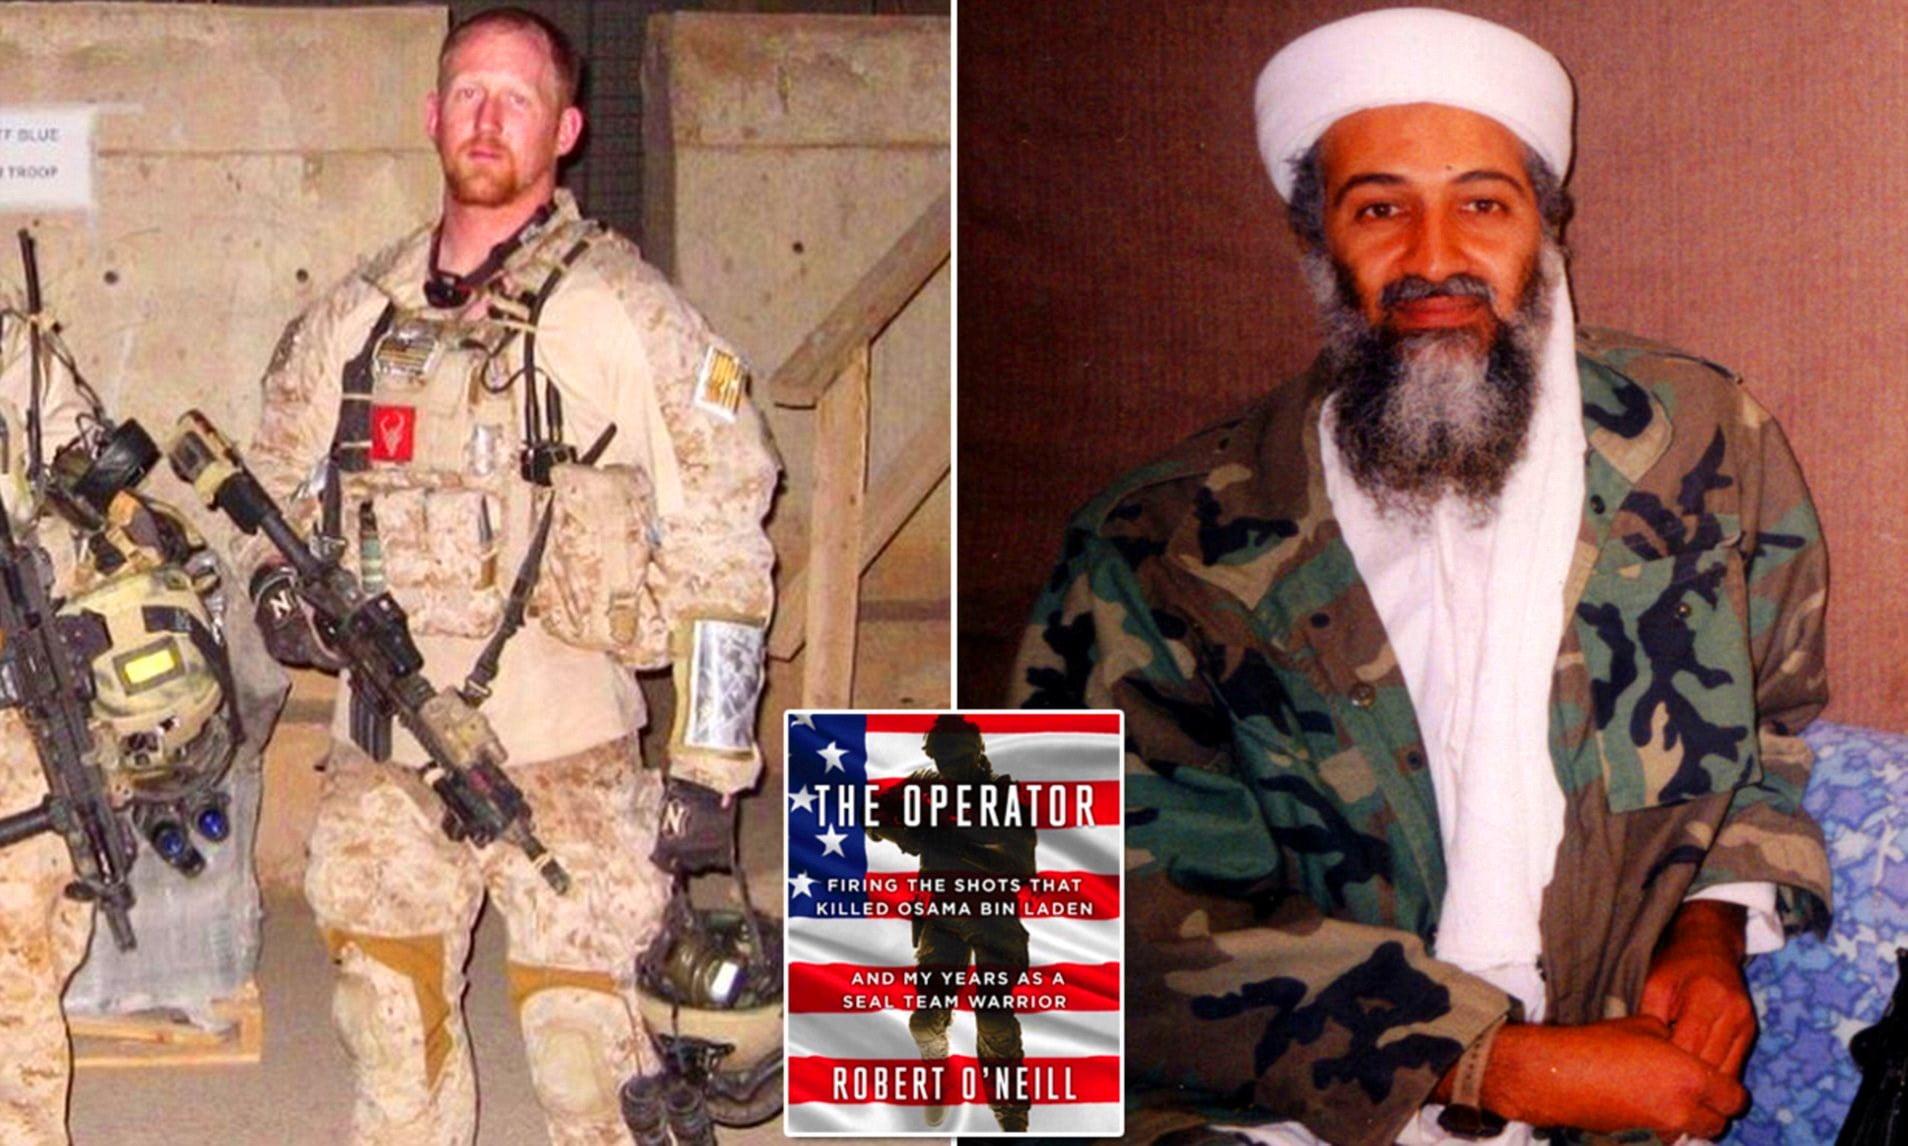 Sốc: bên trong ổ cứng Bin Laden toàn phim khiêu dâm và hoạt hình